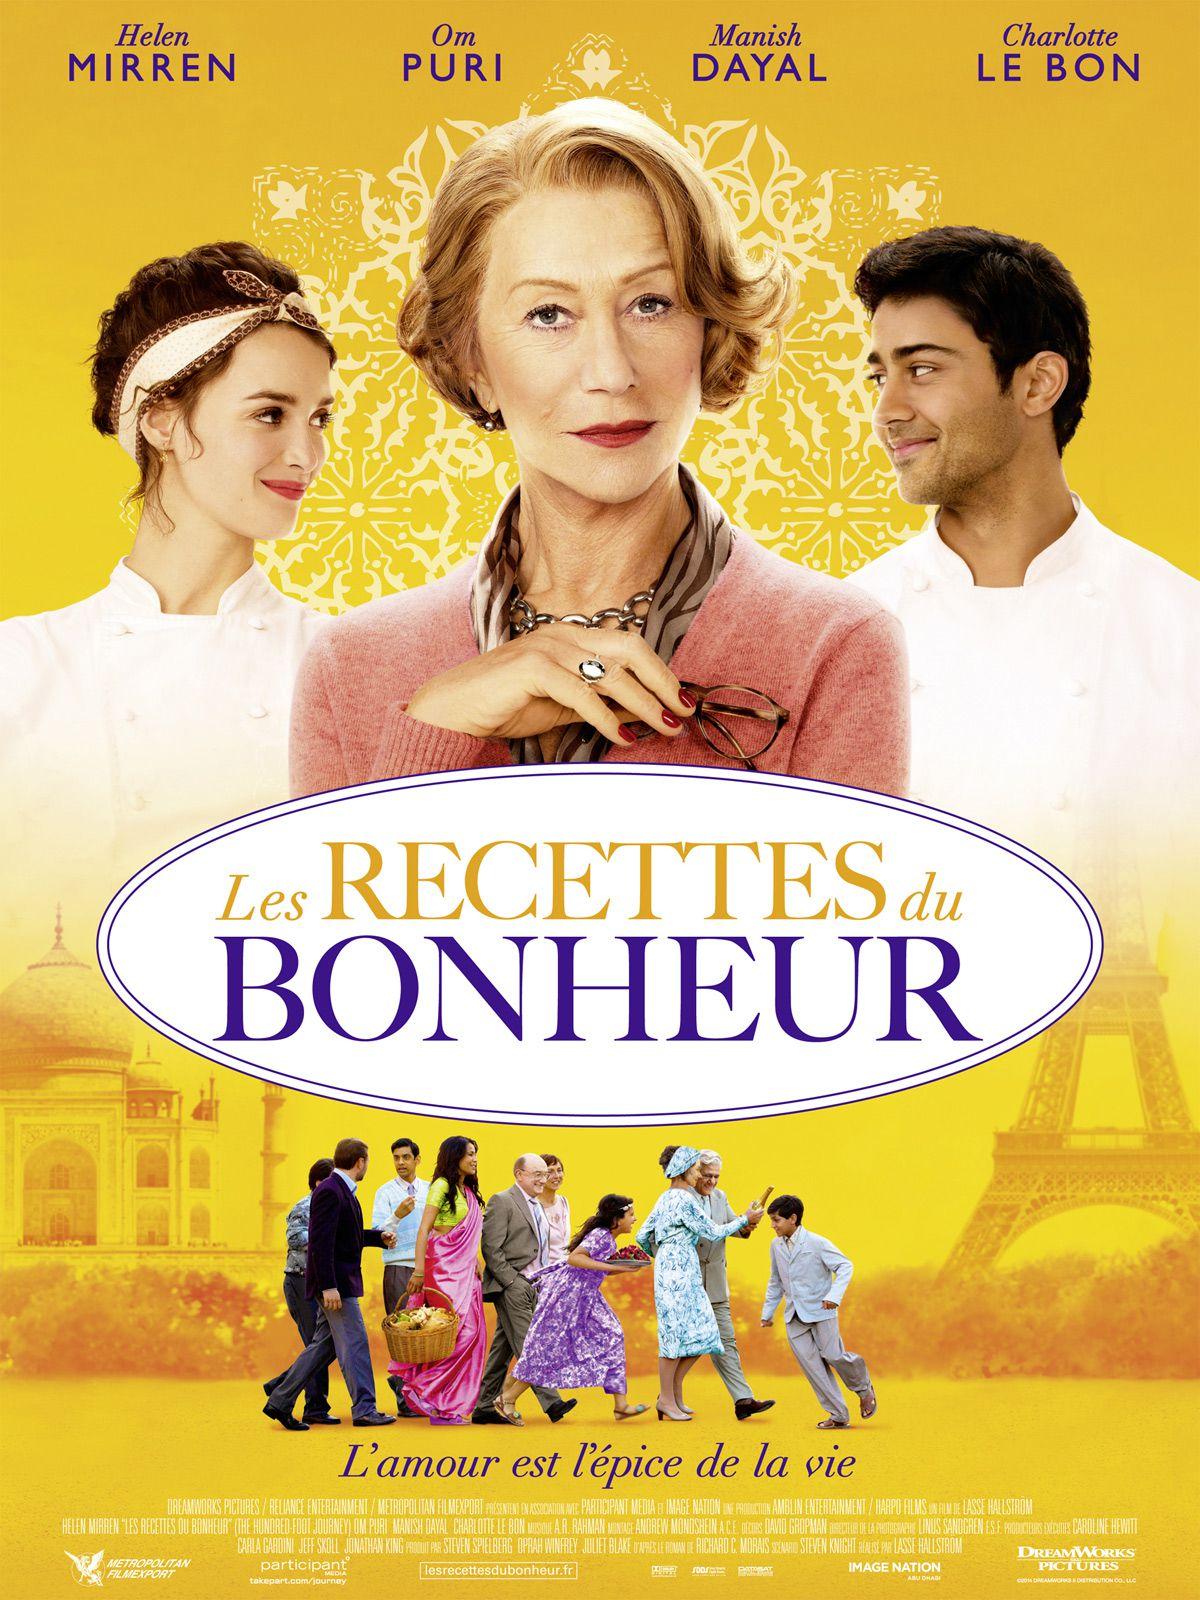 Les Recettes du bonheur - Film (2014)